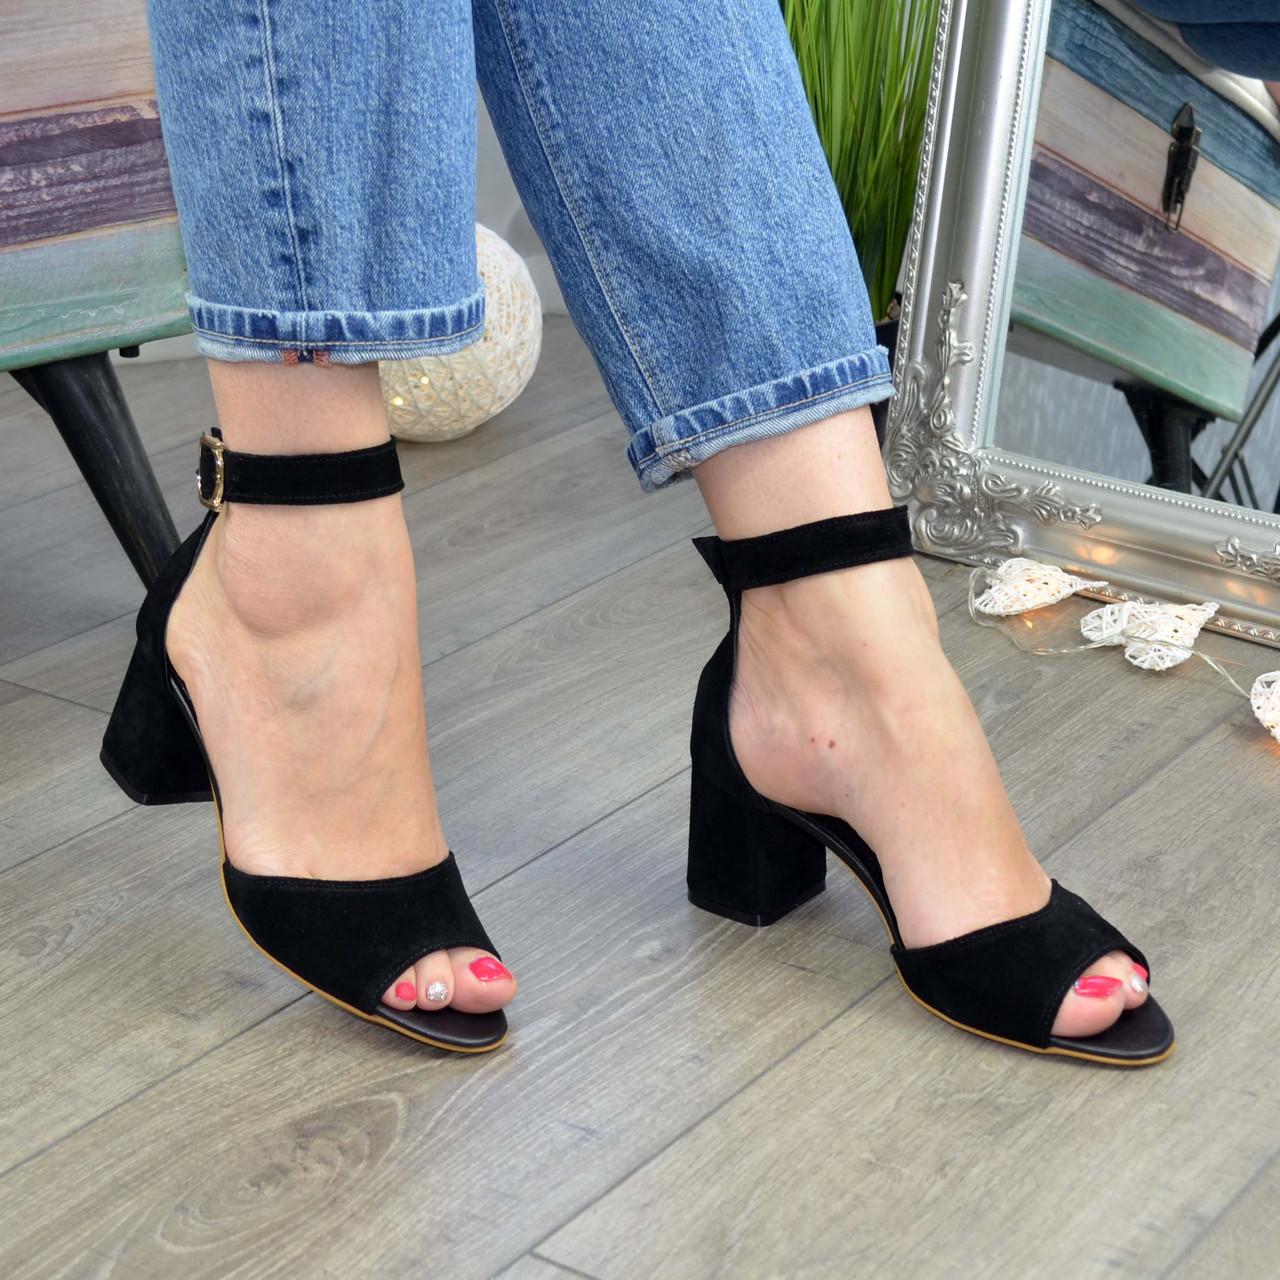 Босоножки женские замшевые на устойчивом каблуке, цвет черный